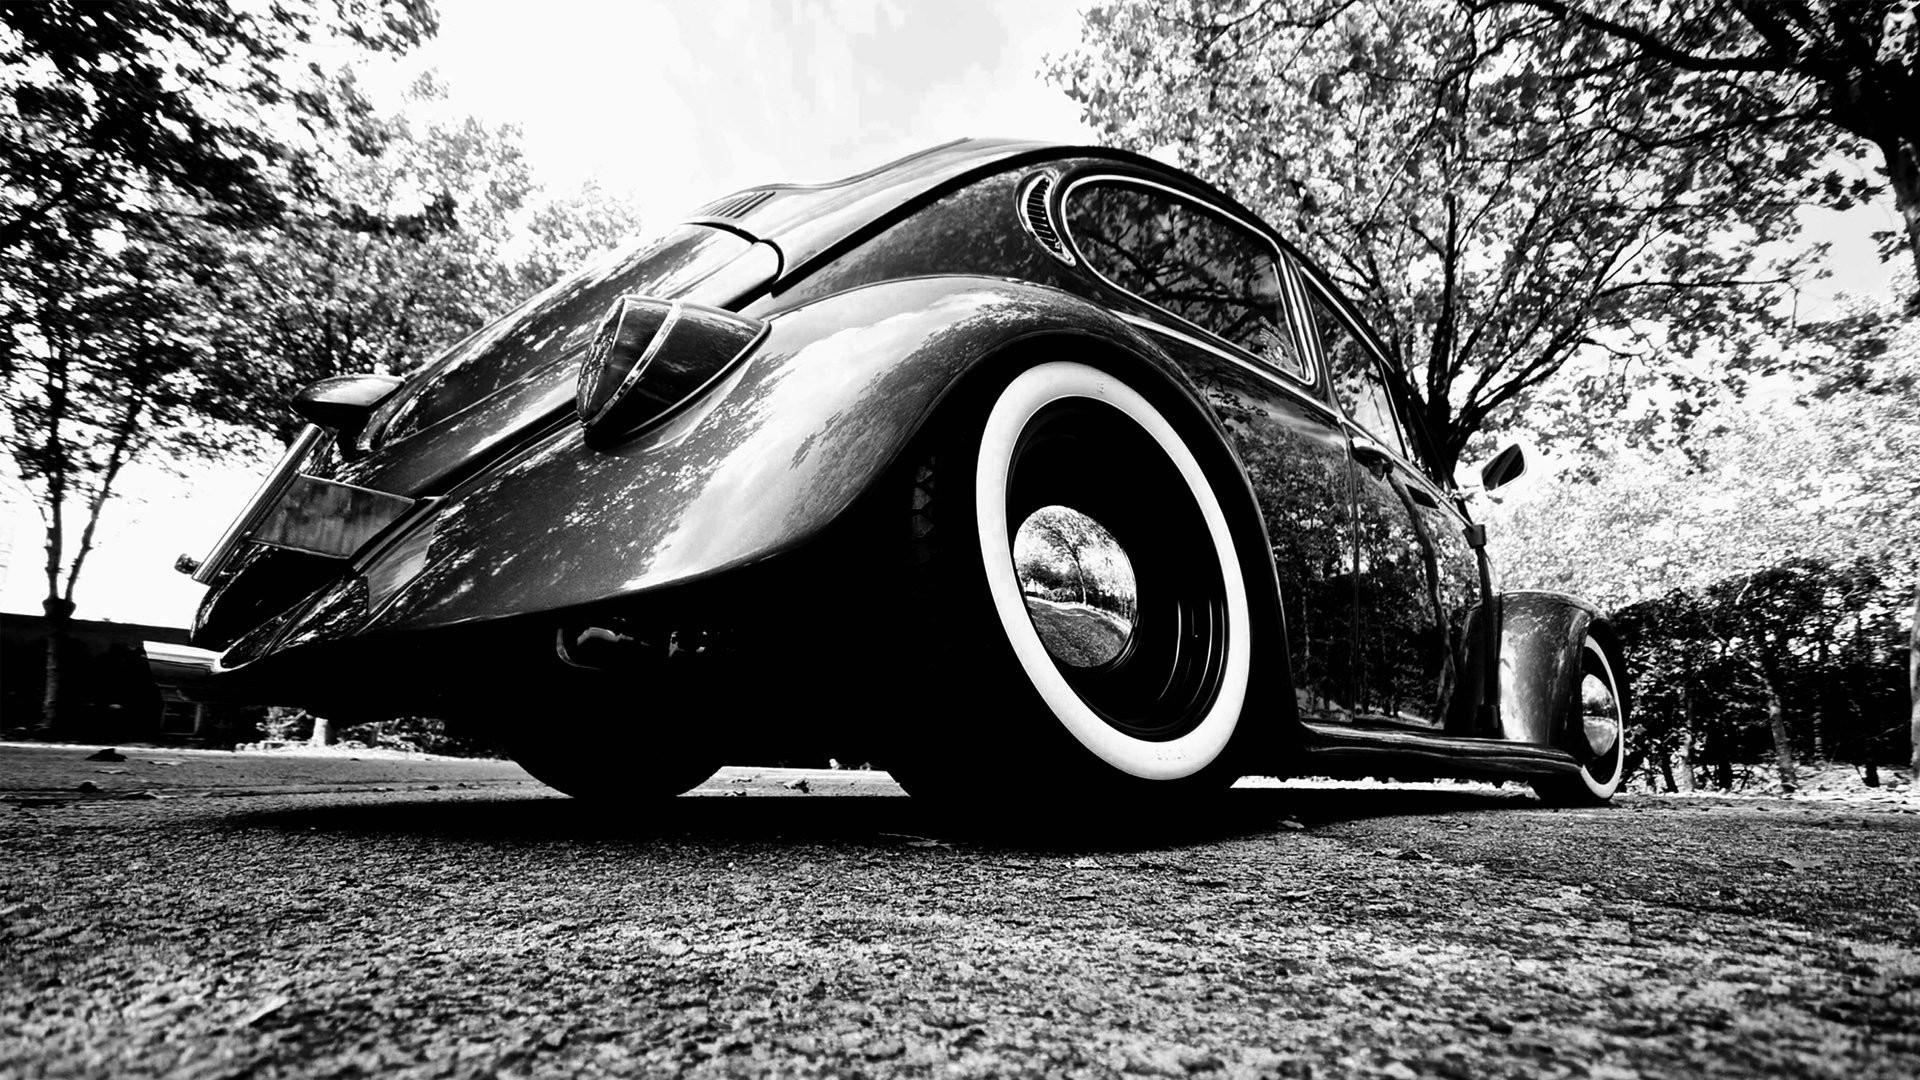 Old future shiny Volkswagen Beetle wallpaper | .